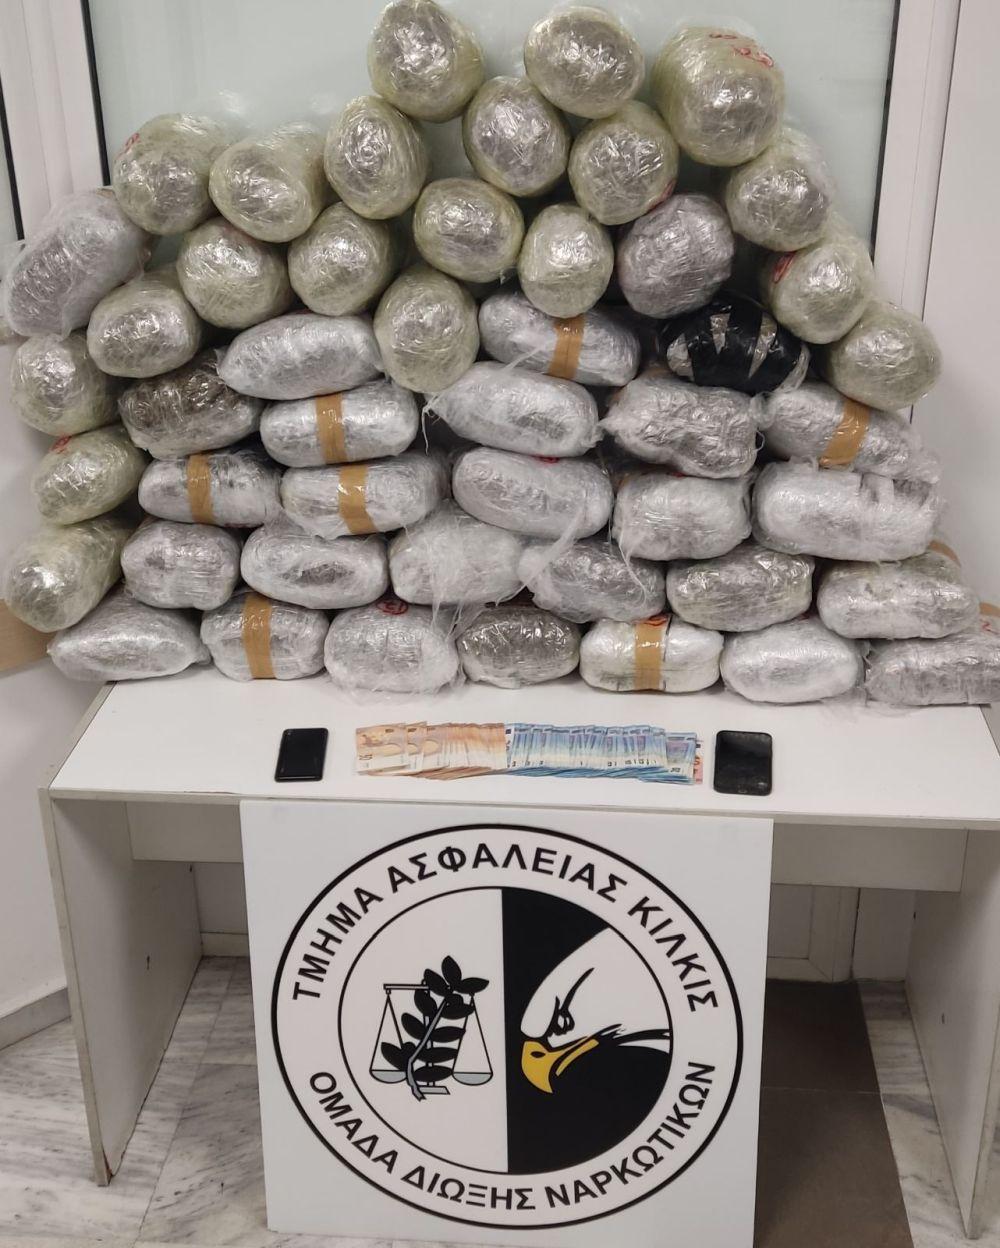 Θεσσαλονίκη: Συνελήφθη μέλος κυκλώματος ναρκωτικών – Κατασχέθηκαν πάνω από  52 κιλά κάνναβης